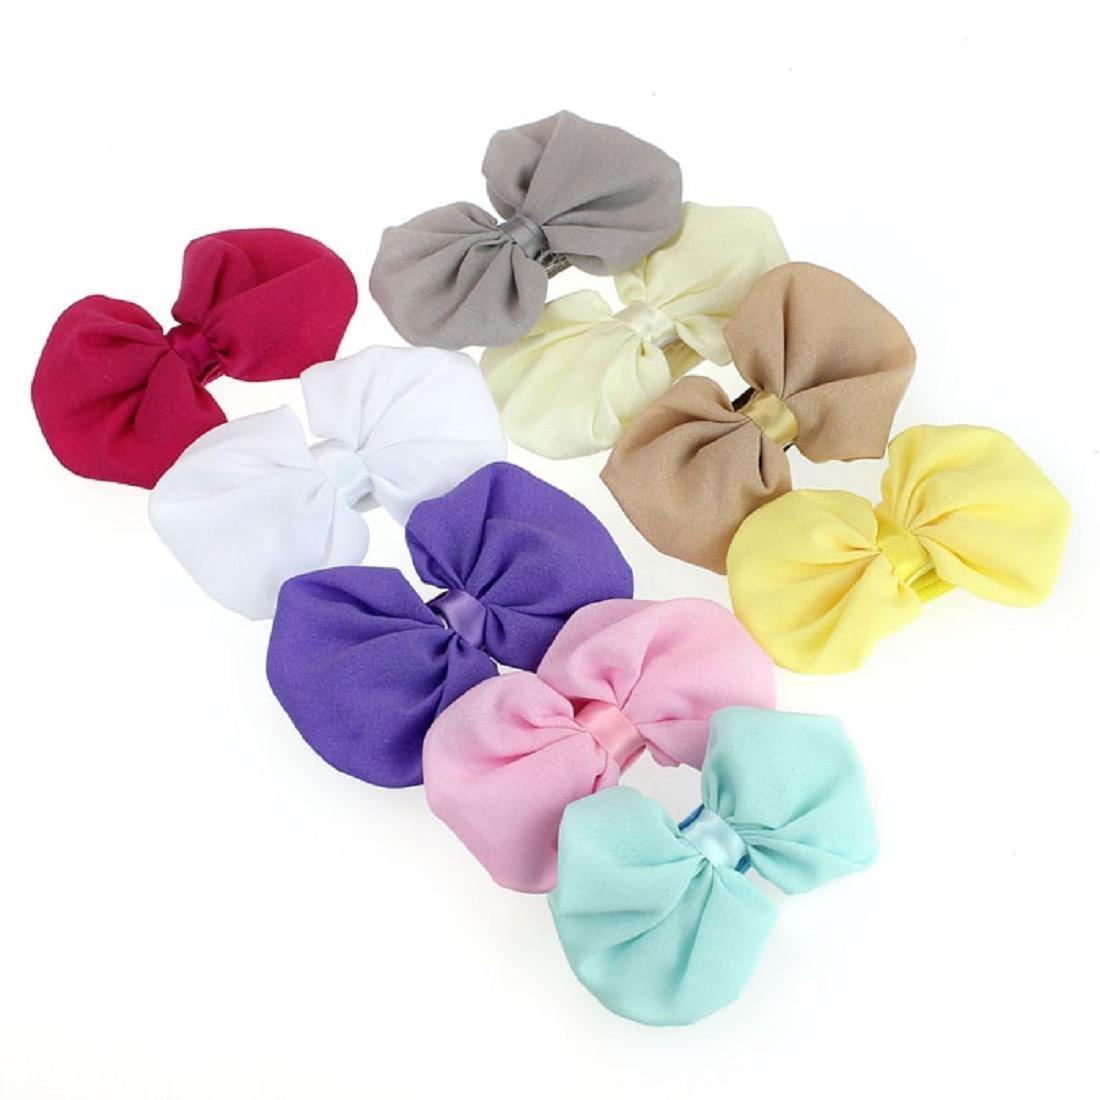 Jmitha Bambino fascia Fasce di fiore della neonata Cerchietto elastico Accessori per capelli a fiori (01) HB-OT-167